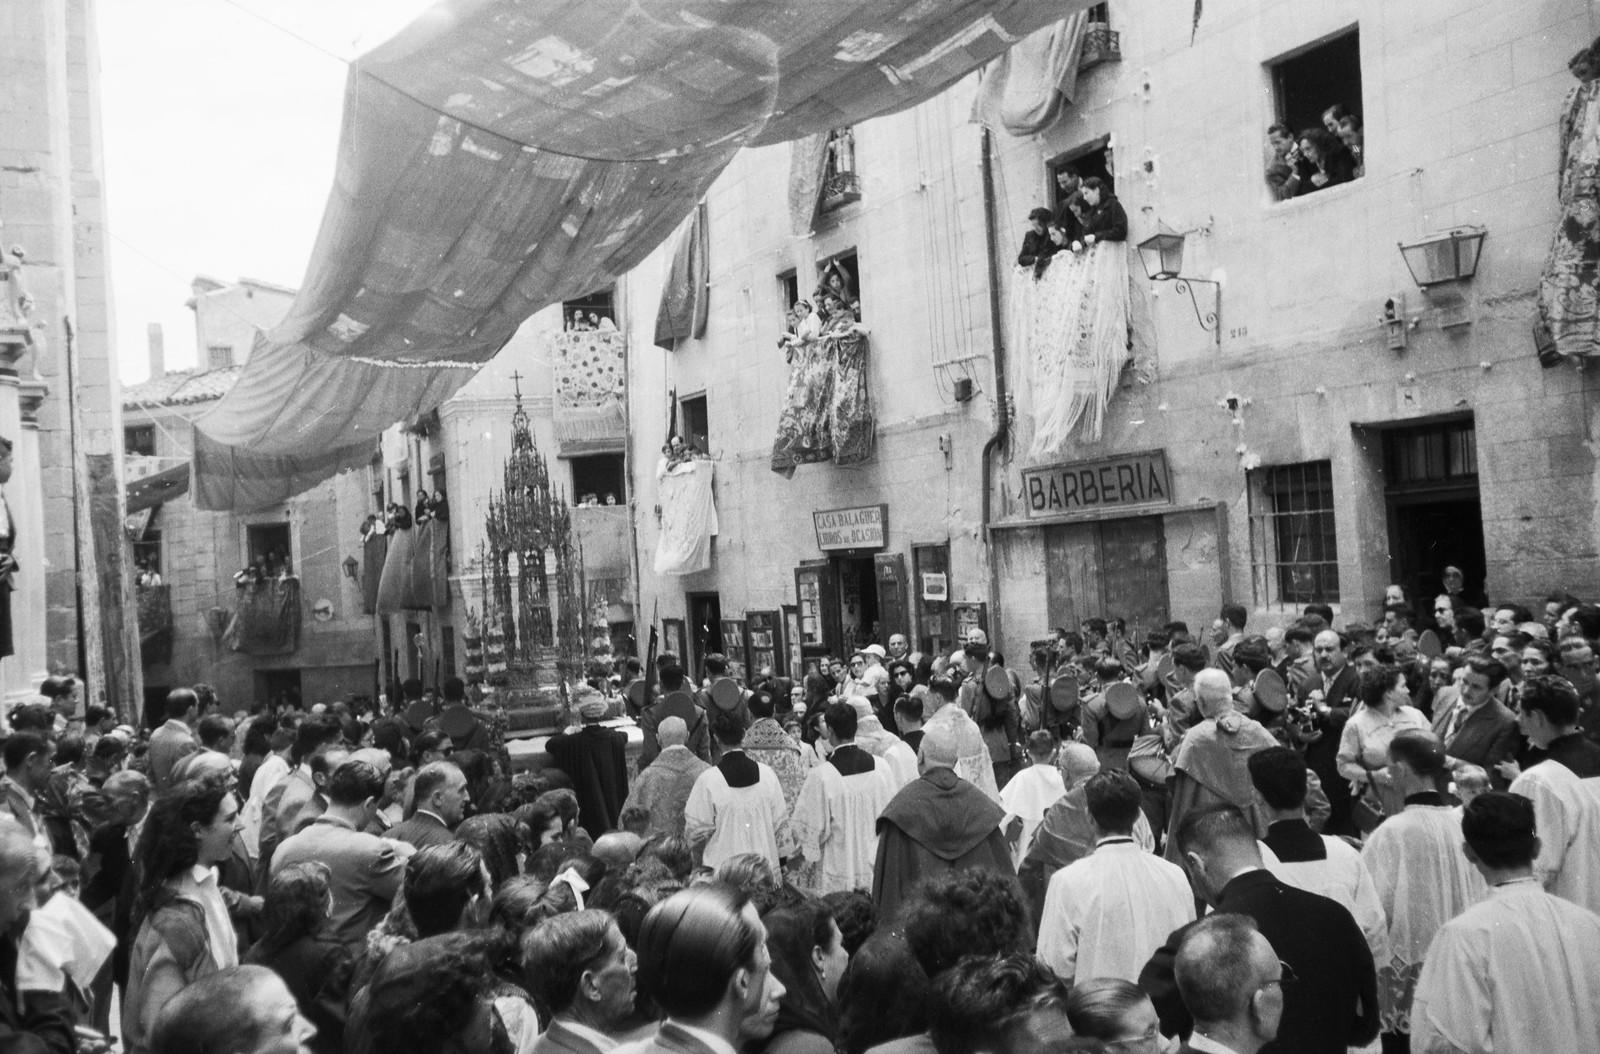 Procesión del Corpus Christi en Toledo en 1955 a su paso por la calle Cardenal Cisneros © ETH-Bibliothek Zurich